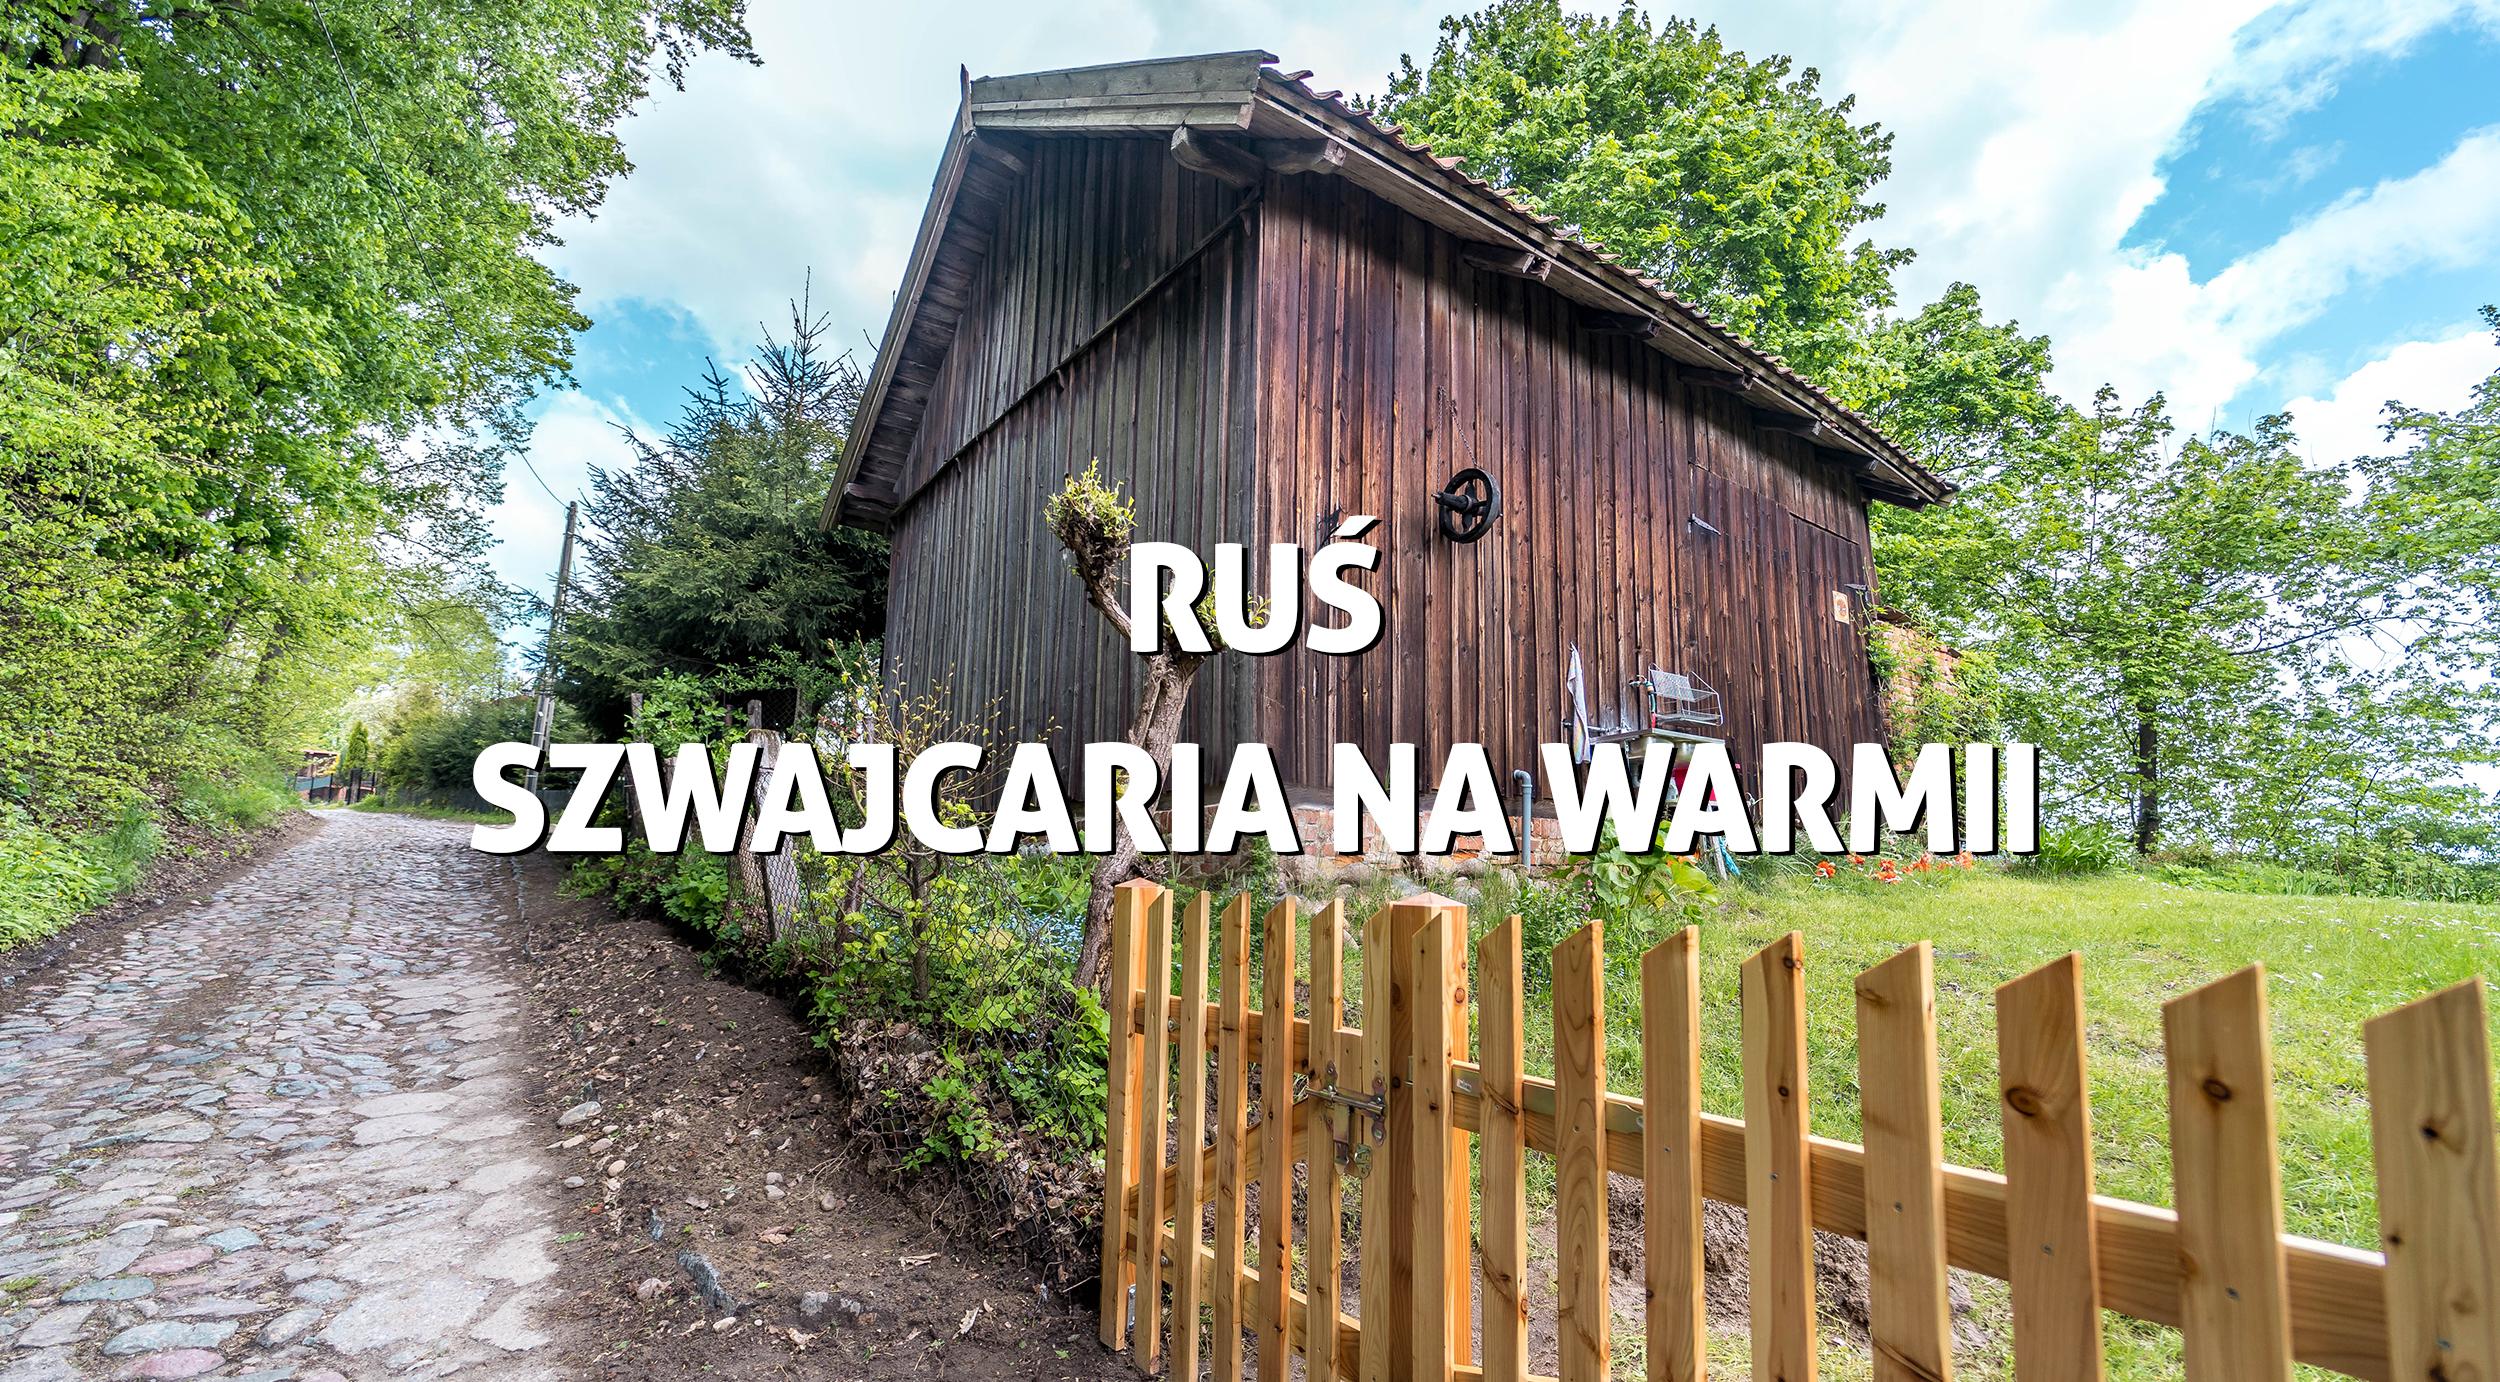 Ruś – Szwajcaria naWarmii. Górska wieś koło Olsztyna